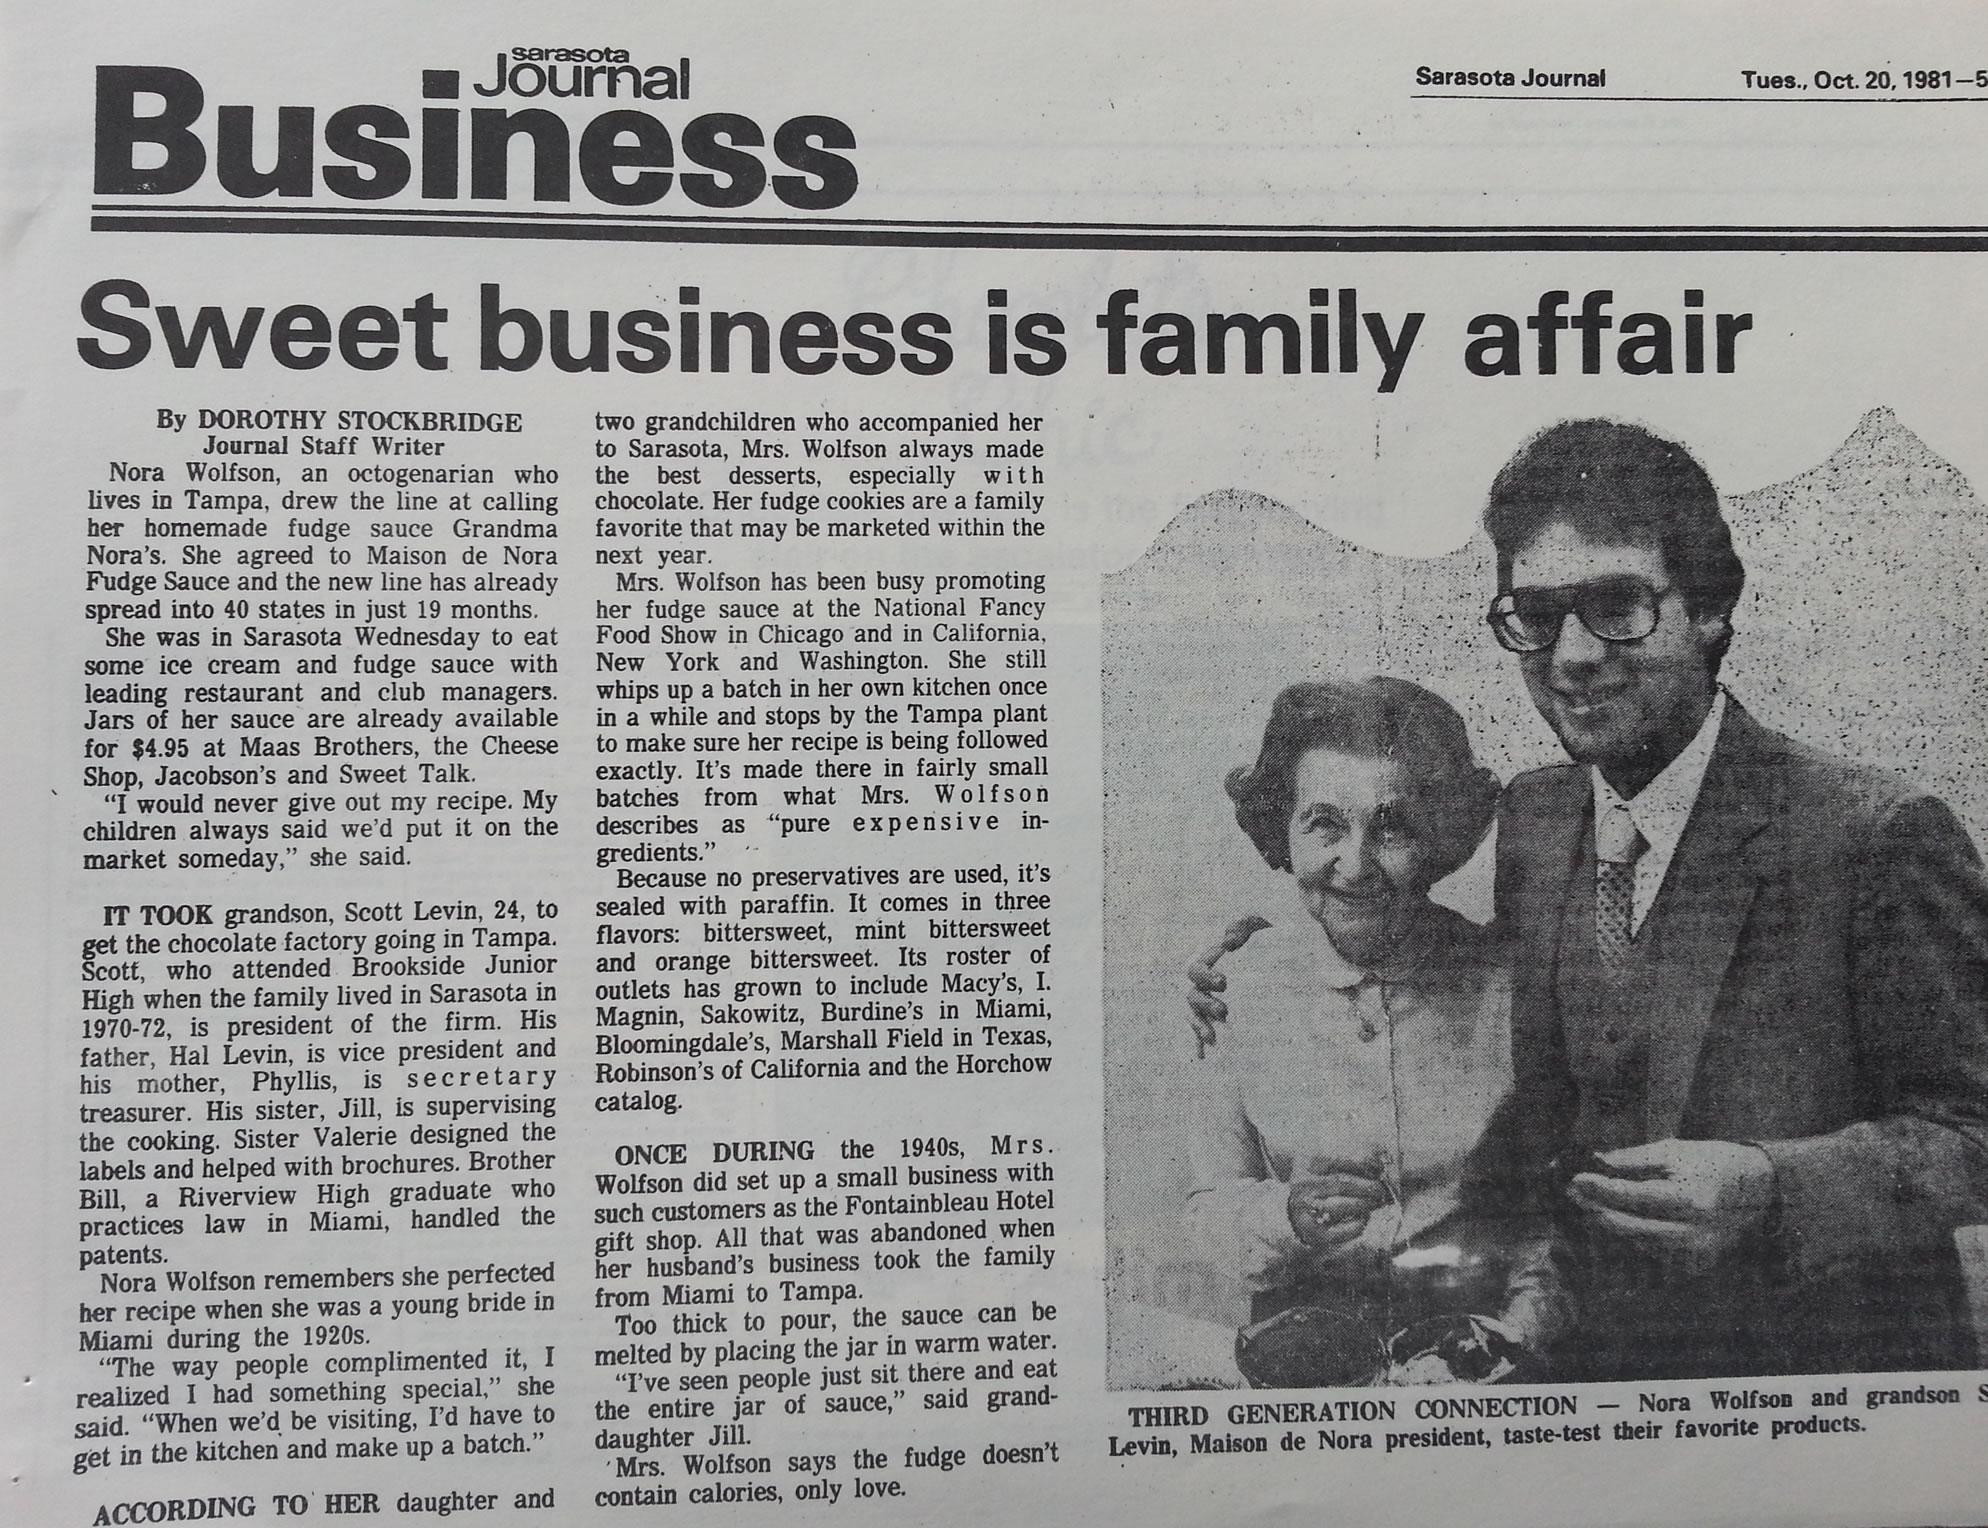 Sarasota Business Journal